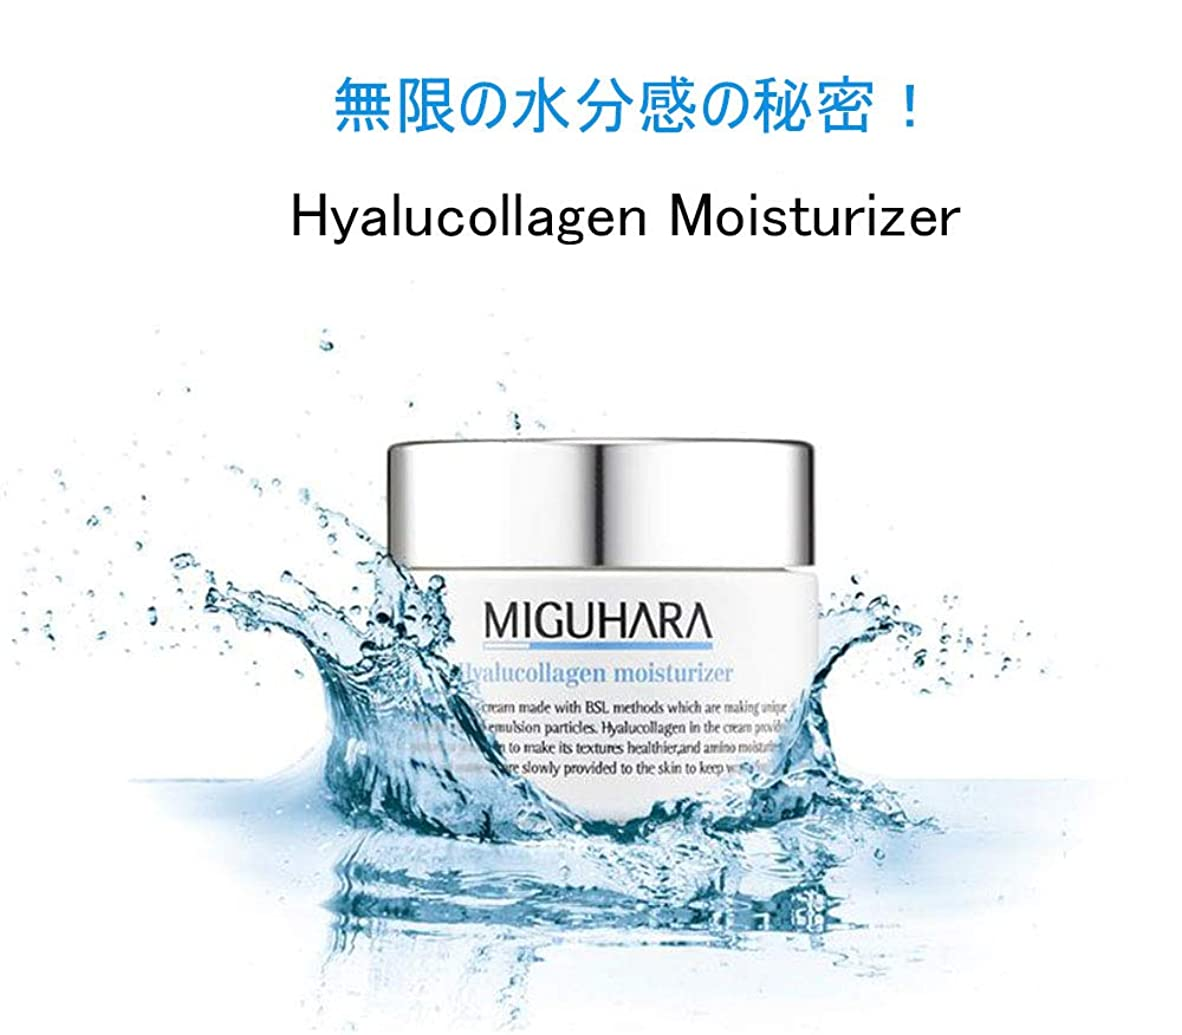 気体のオートメーション机MIGUHARA Hyalucollagen Moisturizer 50ml / ヒアルロンコラーゲンモイスチャライザー 50ml